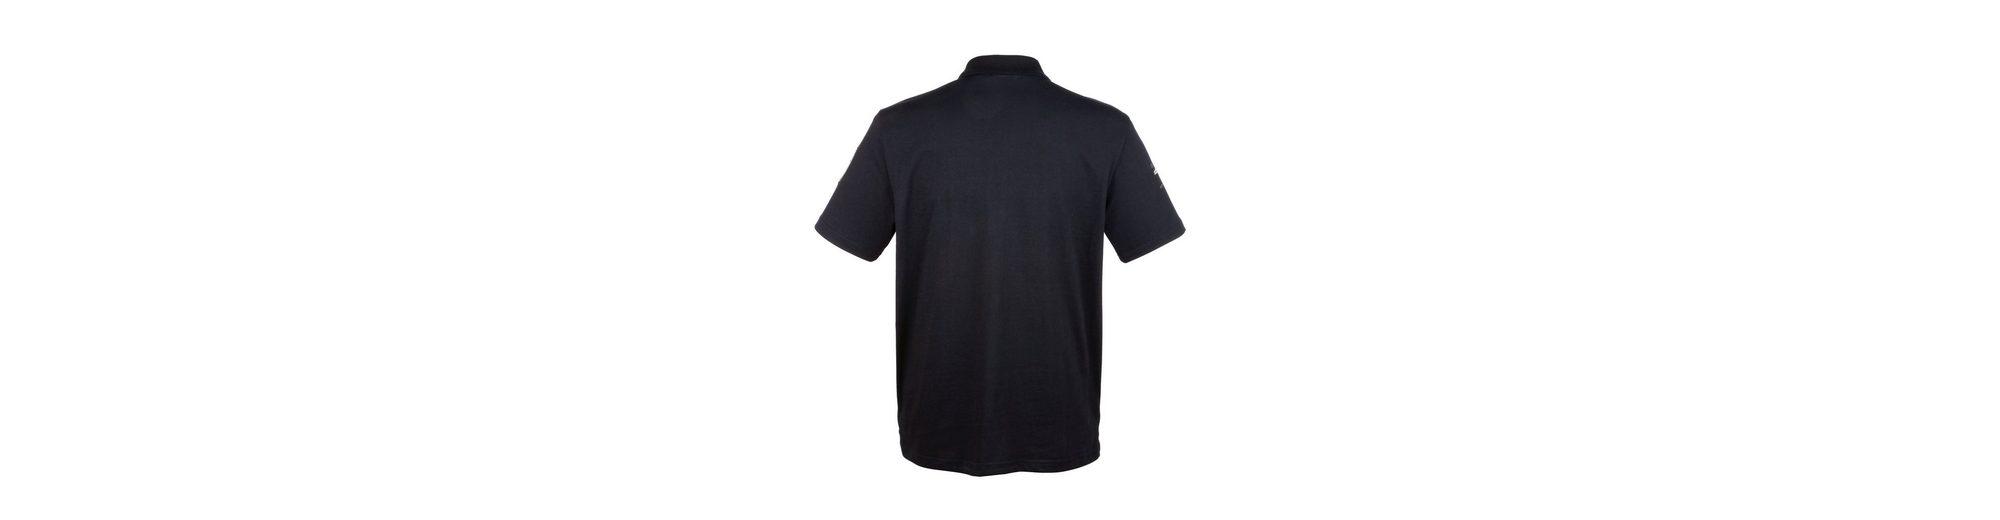 Roger Kent Poloshirt mit Frontdruck Rabatt Geringe Versandgebühr Genießen Günstigen Preis Billig Verkauf Fabrikverkauf Rabatt Offizielle Seite pxheo6ZZrm